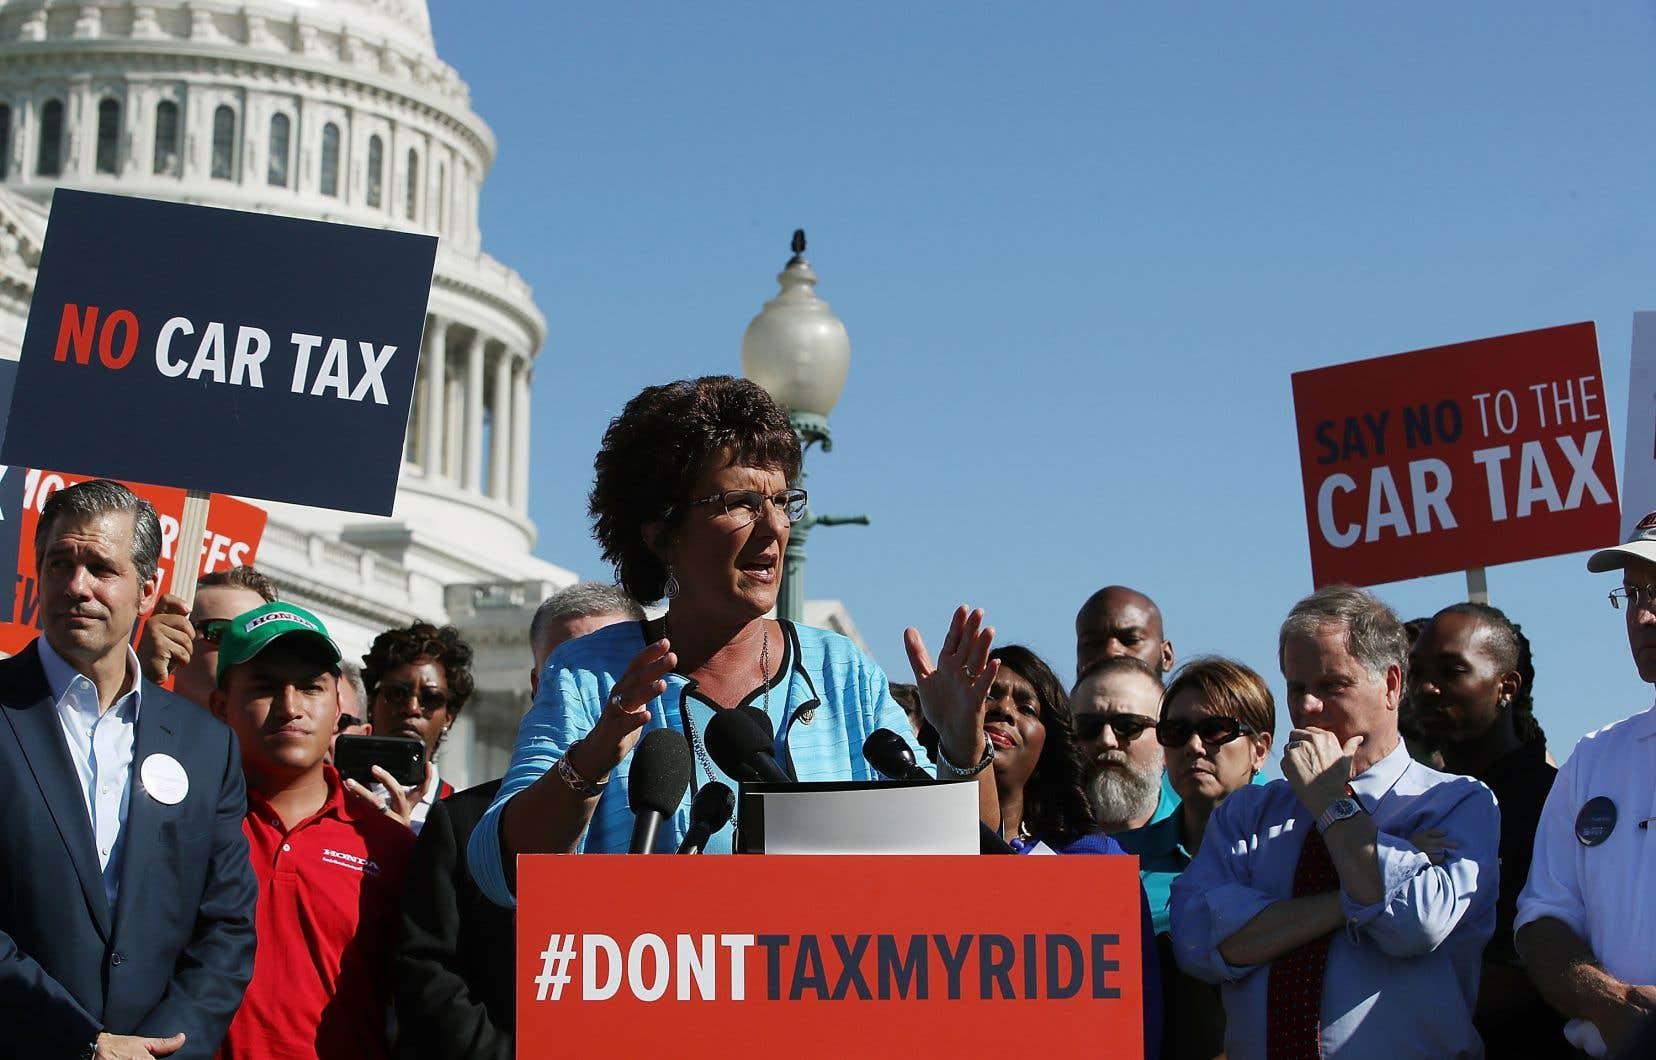 Des élus comme la représentante républicaine Jackie Walorski ont manifesté devant le Capitole contre les potentielles taxes qui toucheraient l'importation de véhicules aux États-Unis.